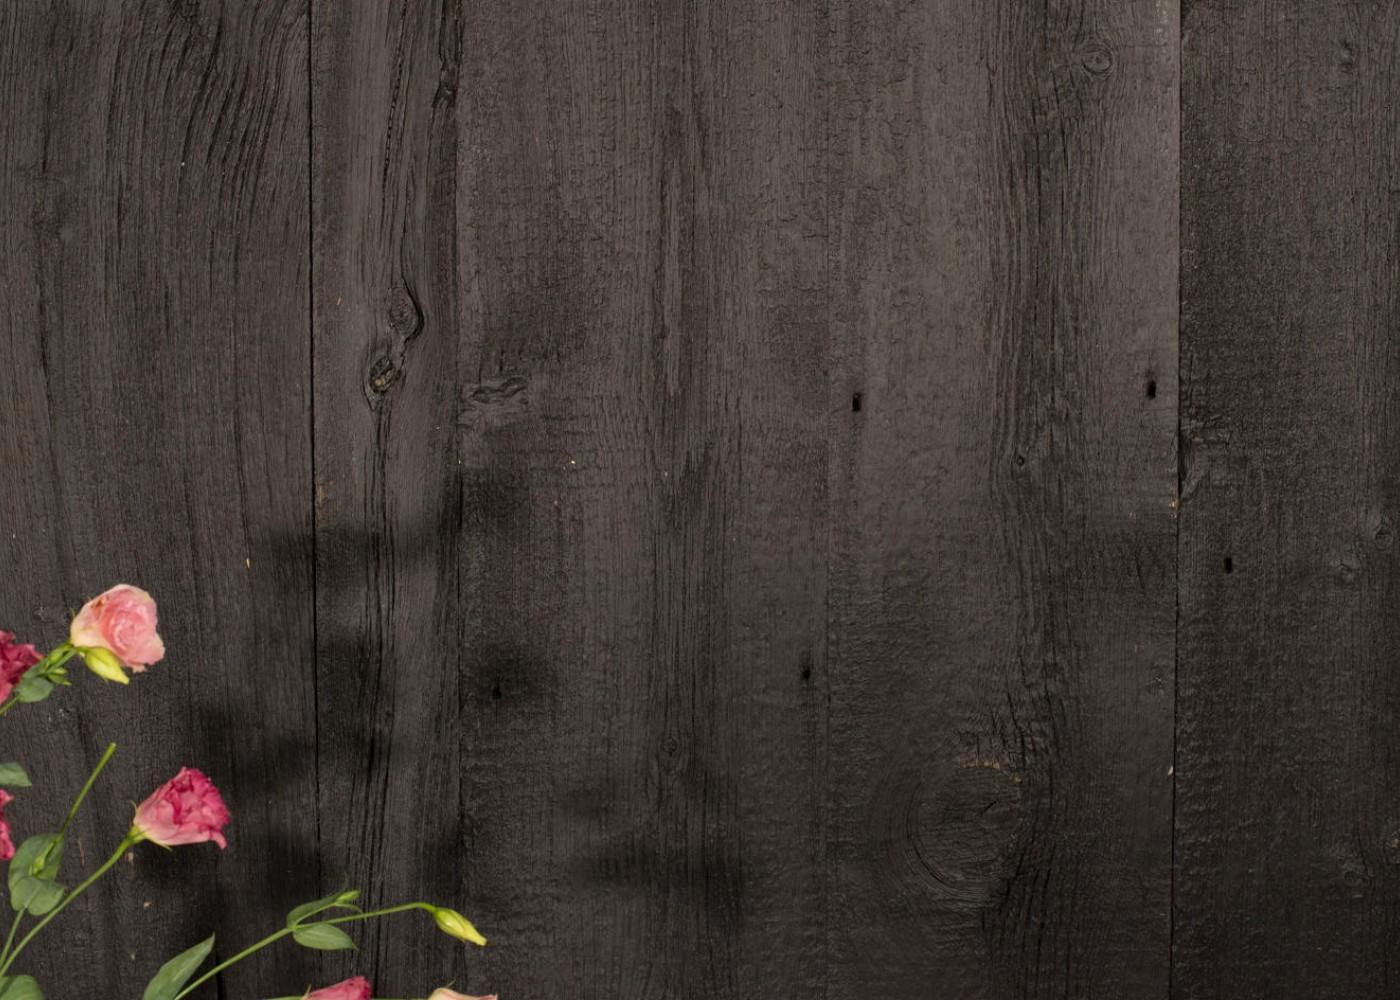 Bardage Monolame Bois Us Déligné Raboté Campagne Vieilli Peint Noir Dense Peinture d'Aujourd'hui